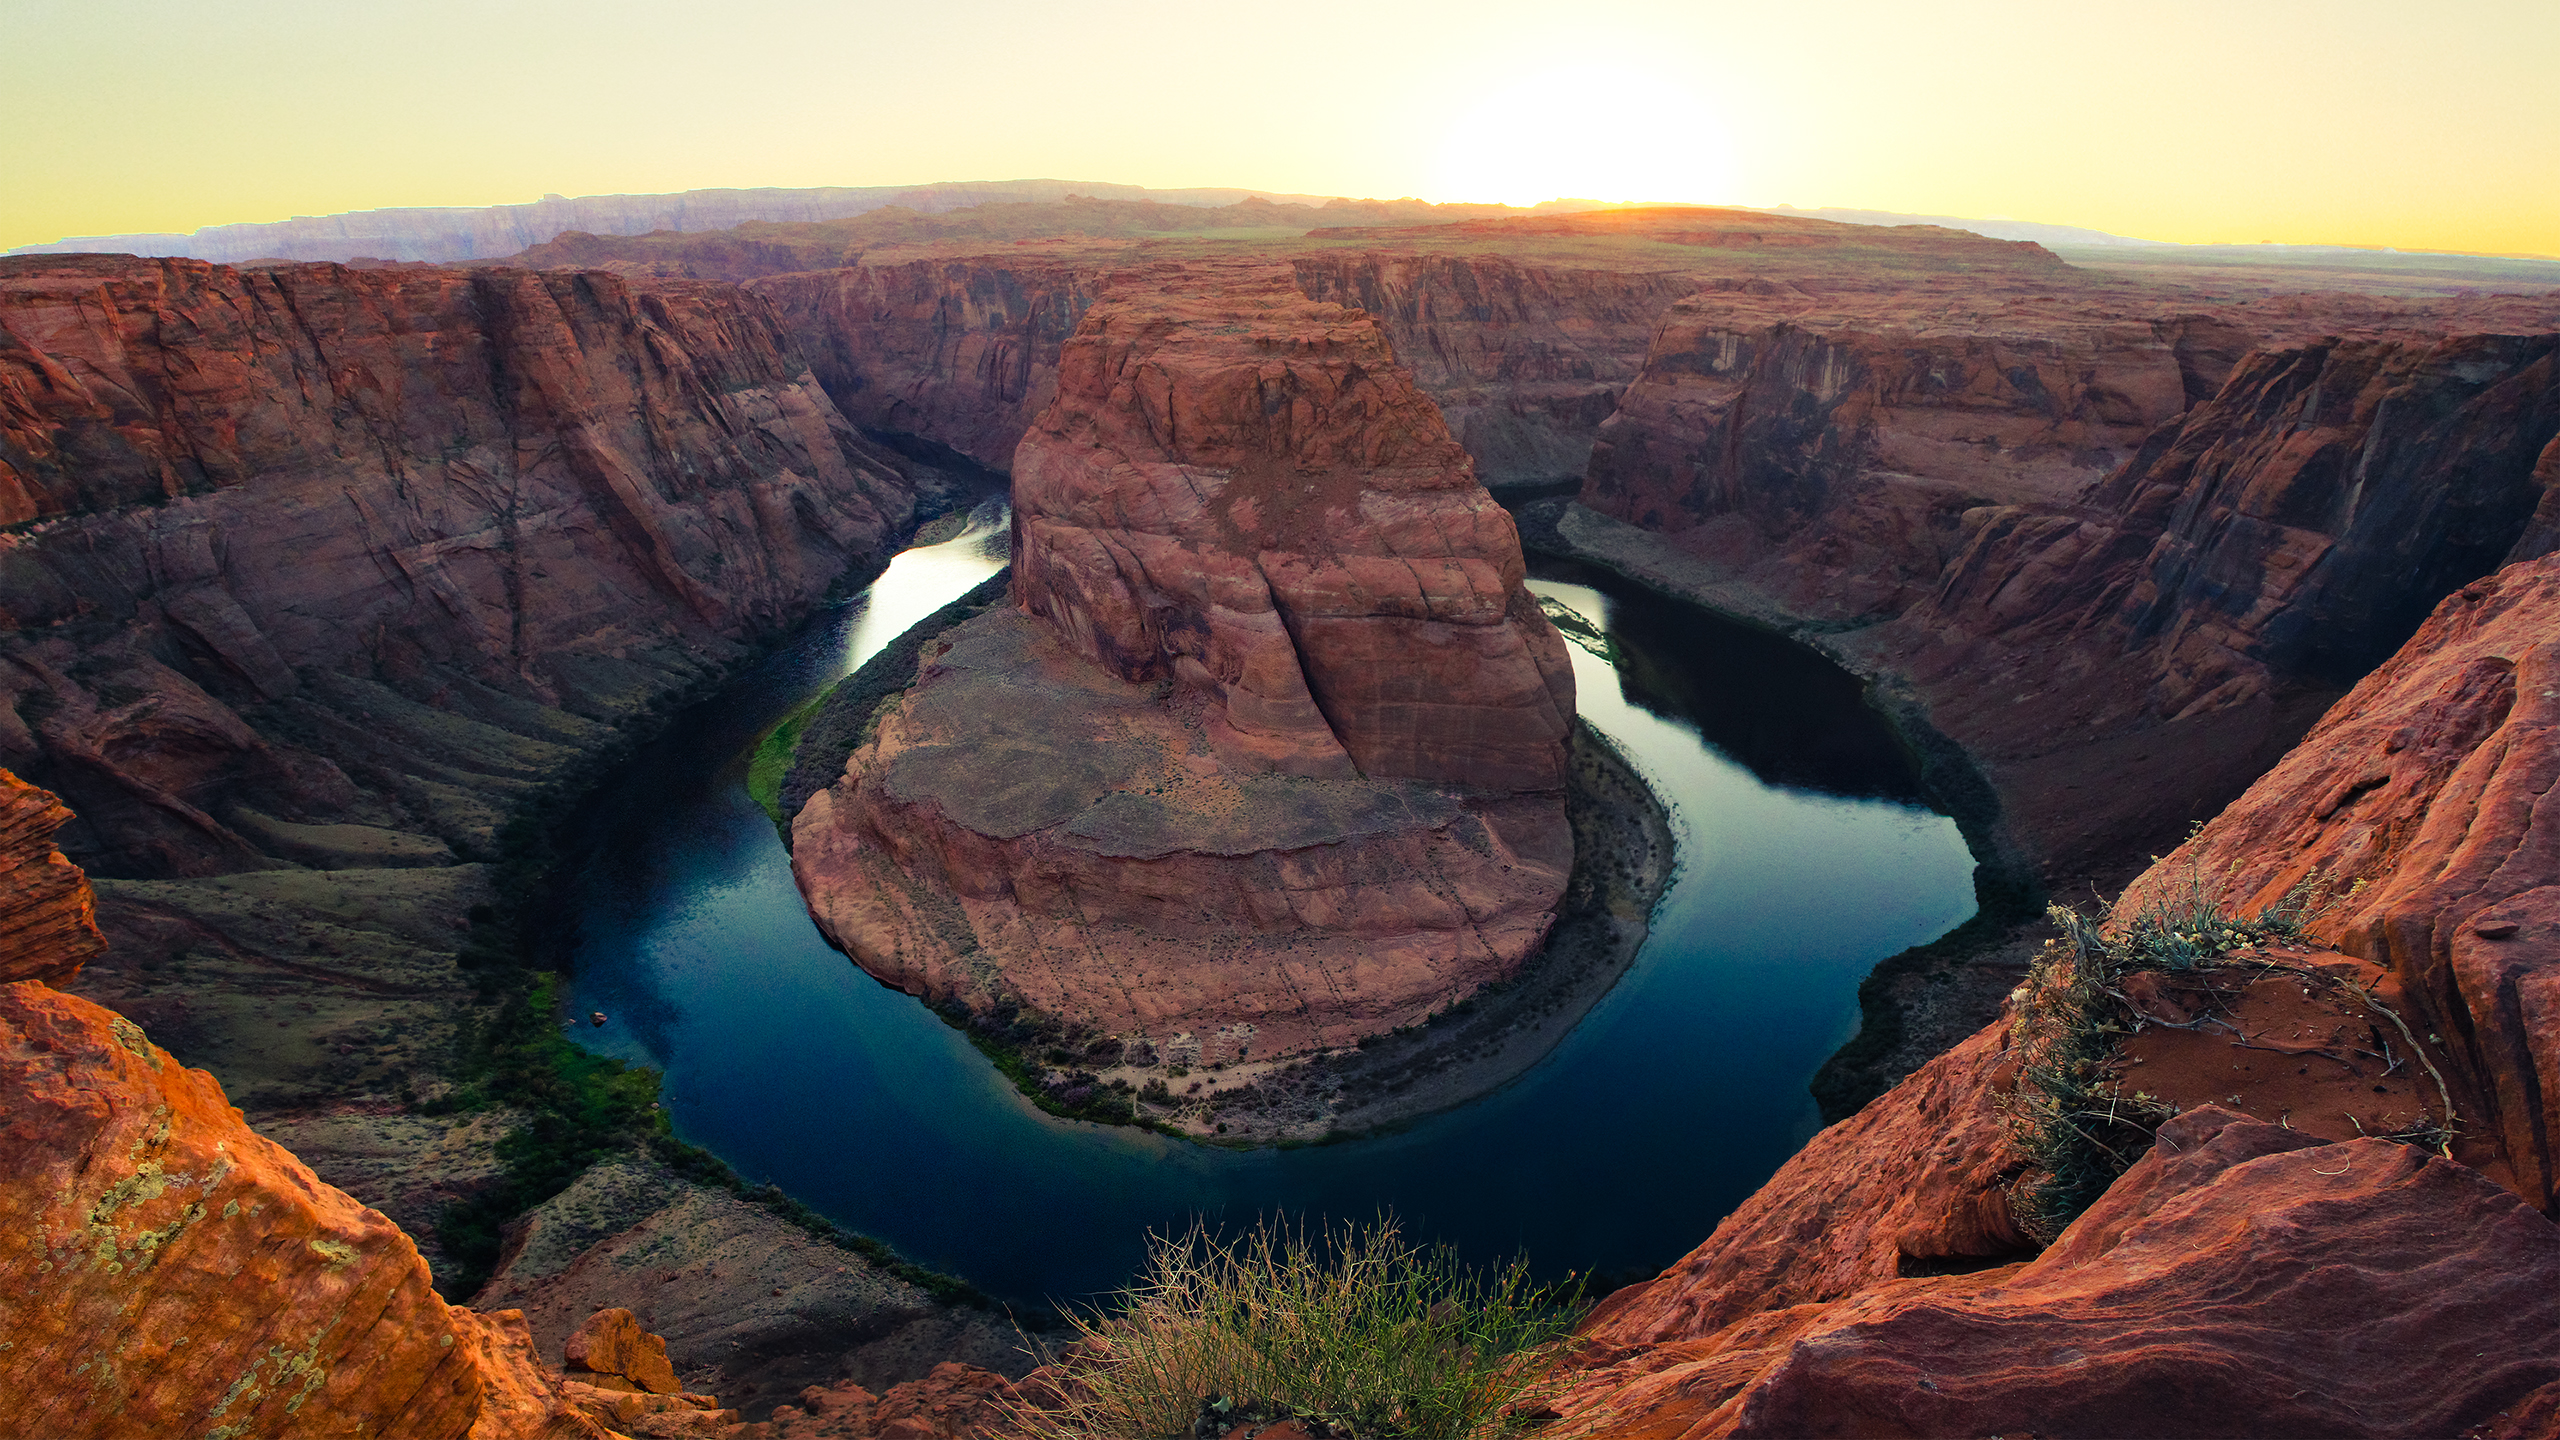 horseshoe_bend_sunset_2560x1440